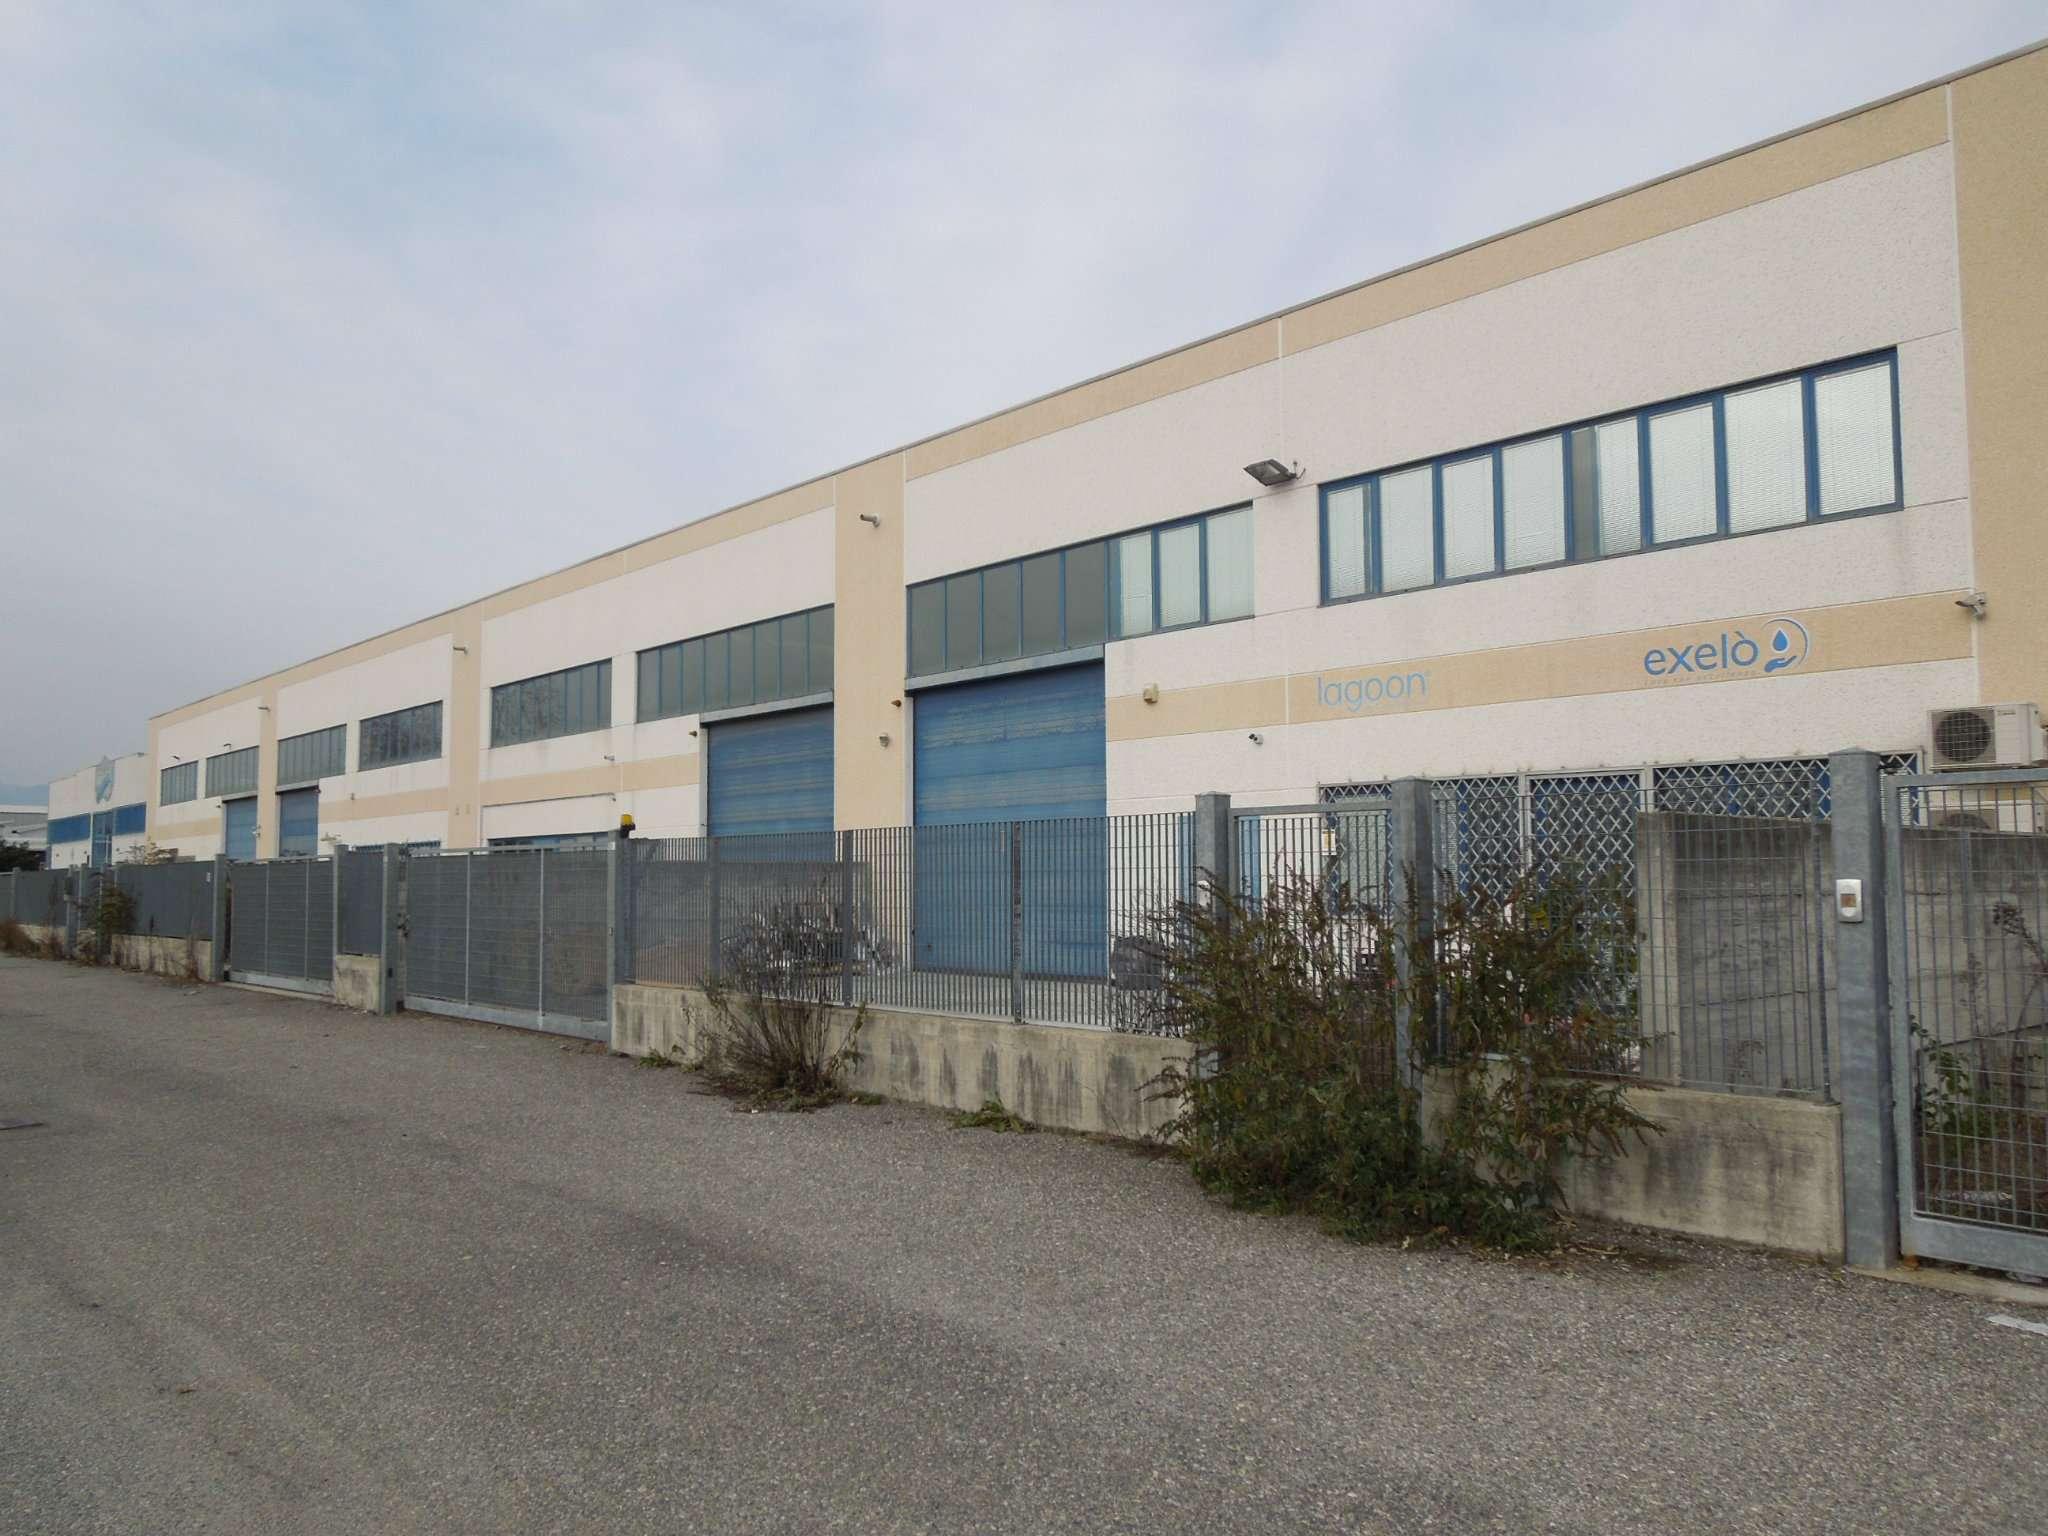 Capannone in vendita a Settimo Torinese, 9999 locali, prezzo € 180.000 | PortaleAgenzieImmobiliari.it